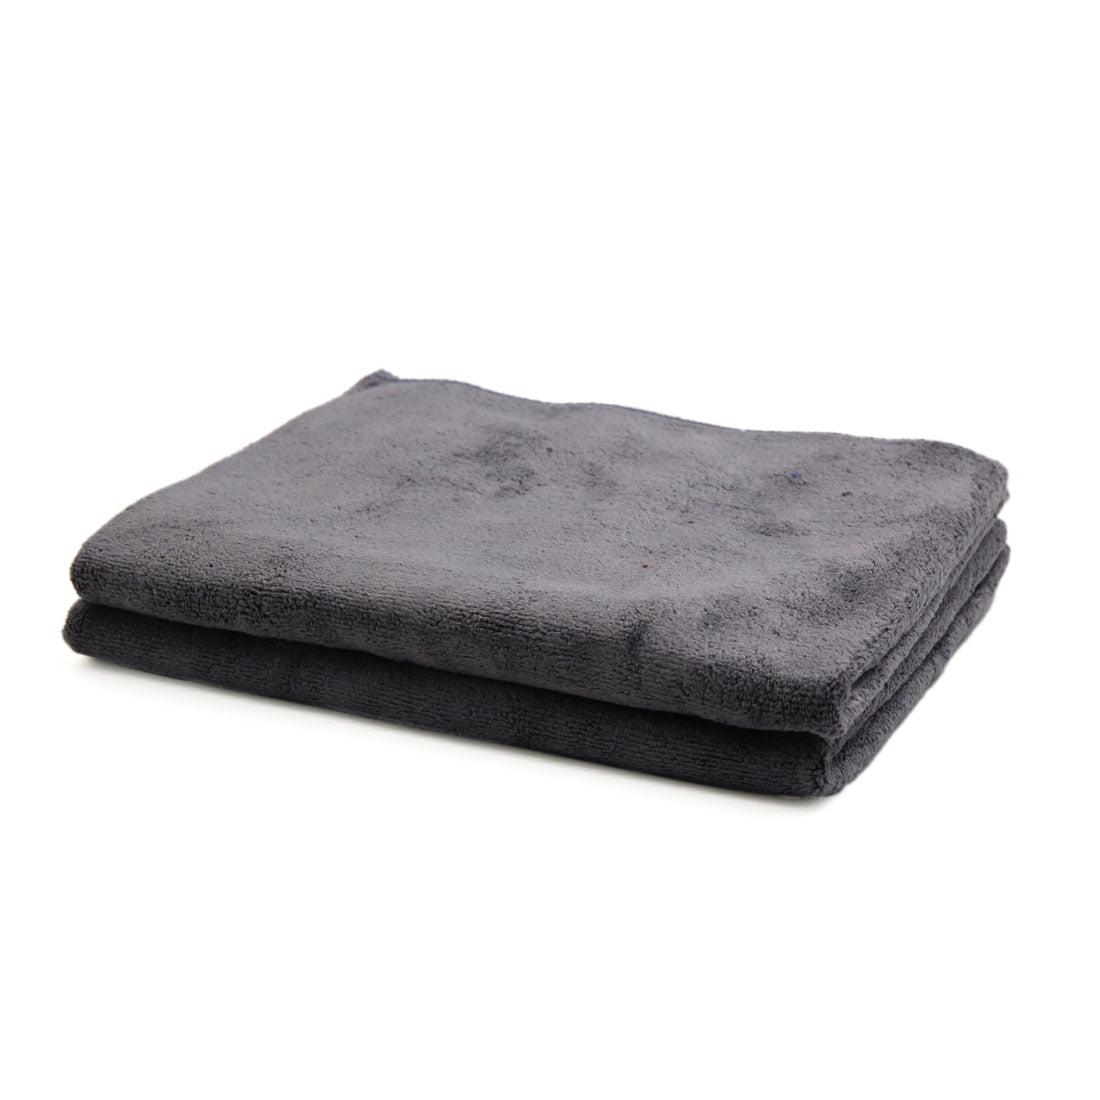 2 Pcs Water Absorbent No-scratched Car Clean Cloth Towel Gray